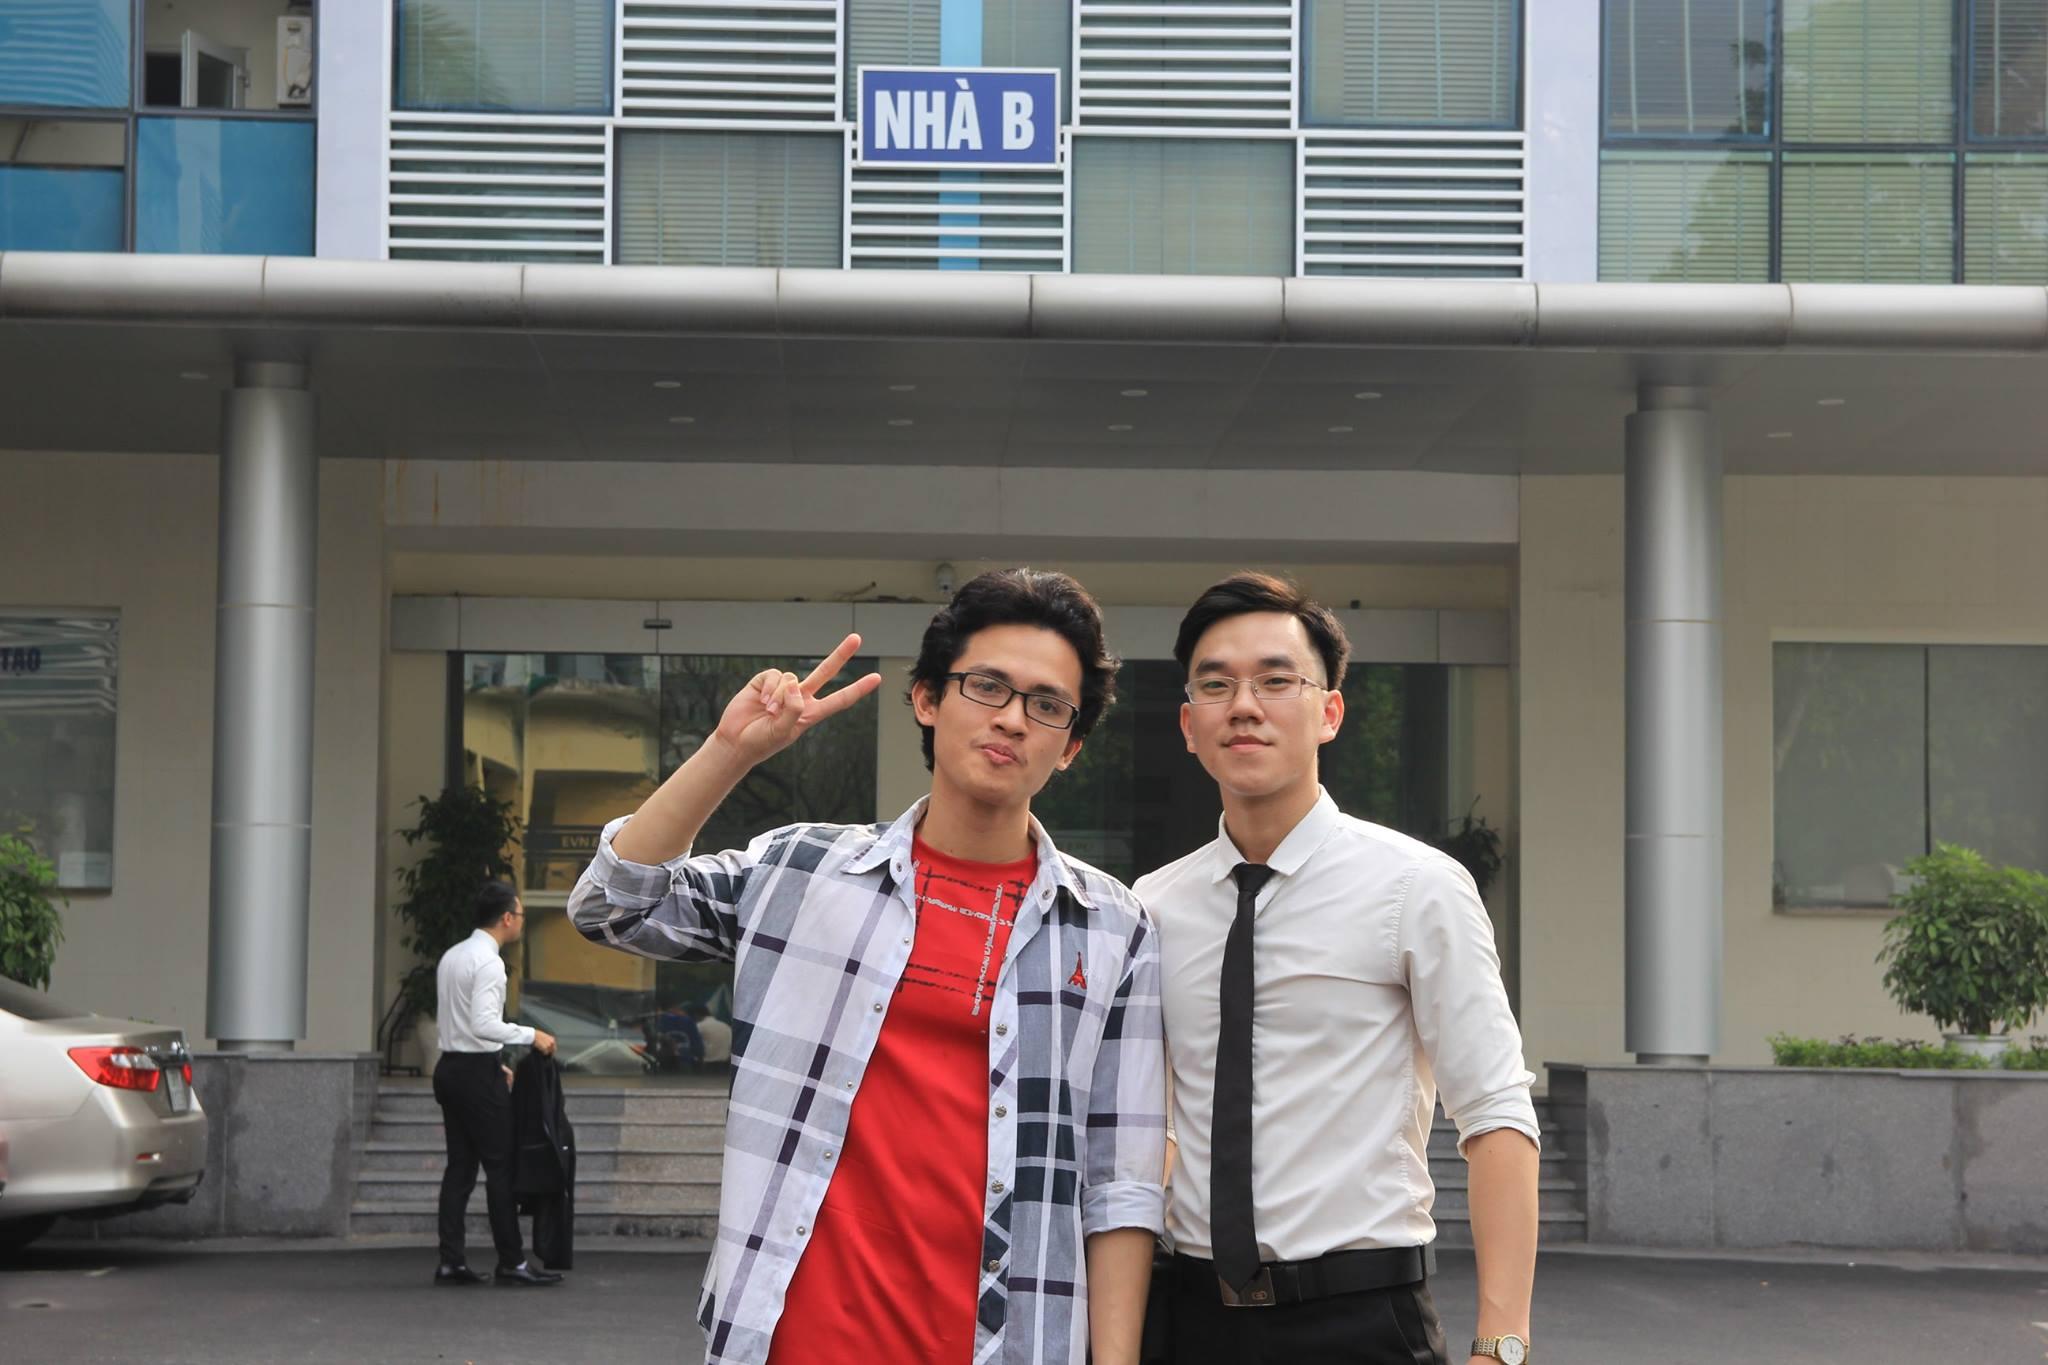 Vũ Tá Dương (bên trái) cùng bạn.